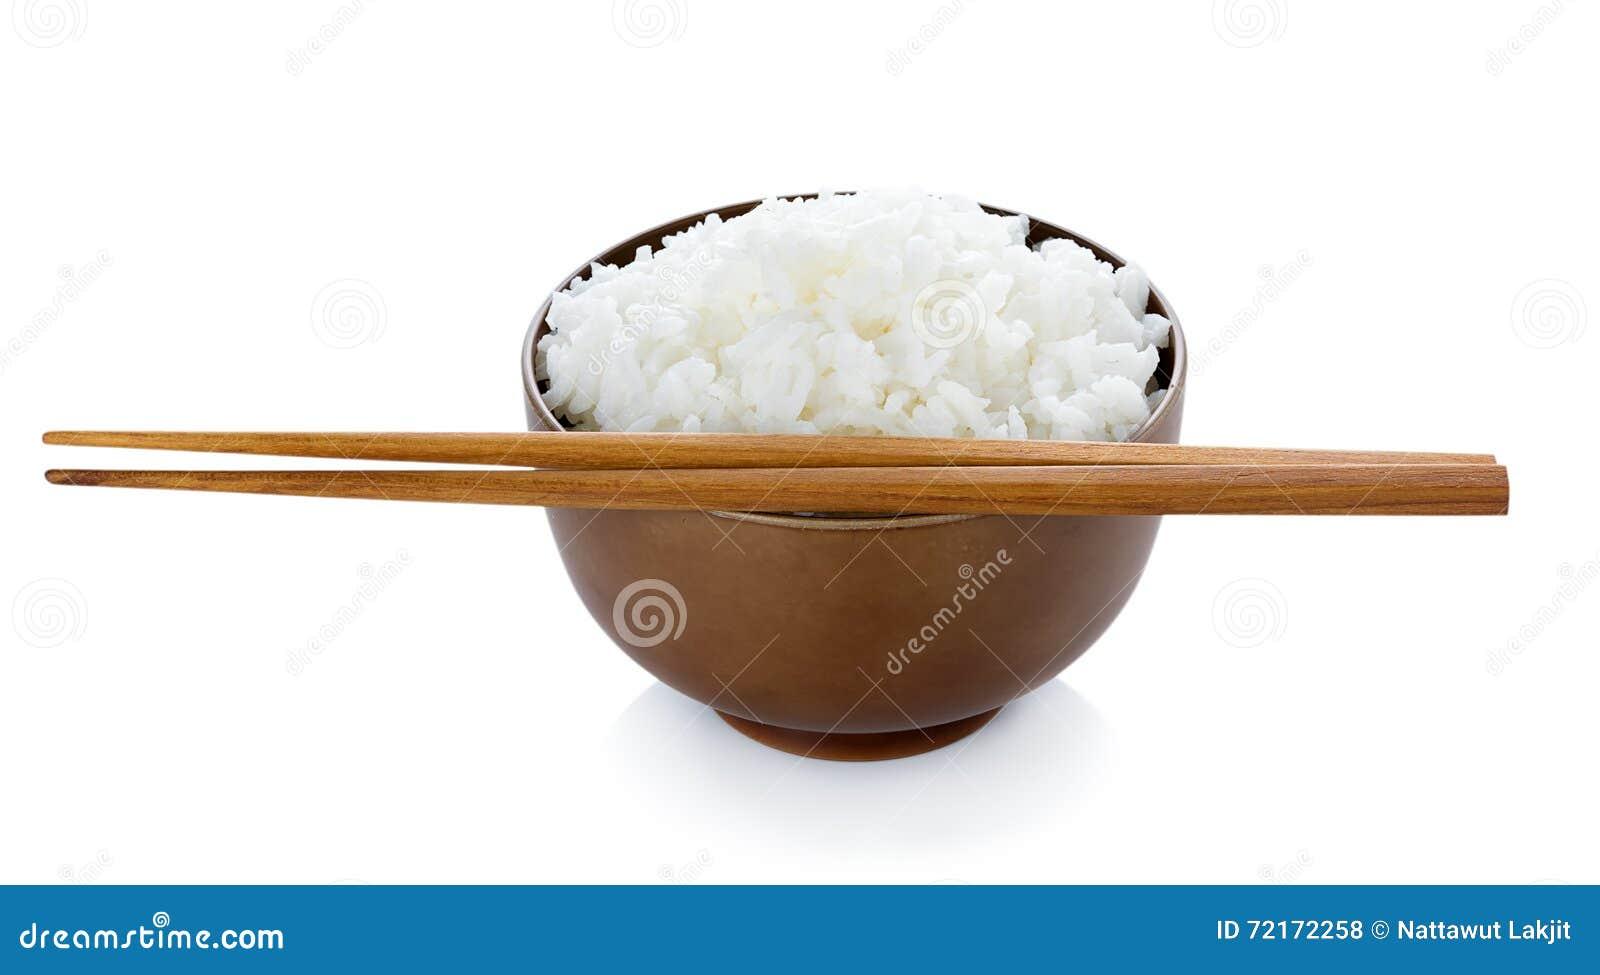 Rijst in kom en eetstokjes op witte achtergrond